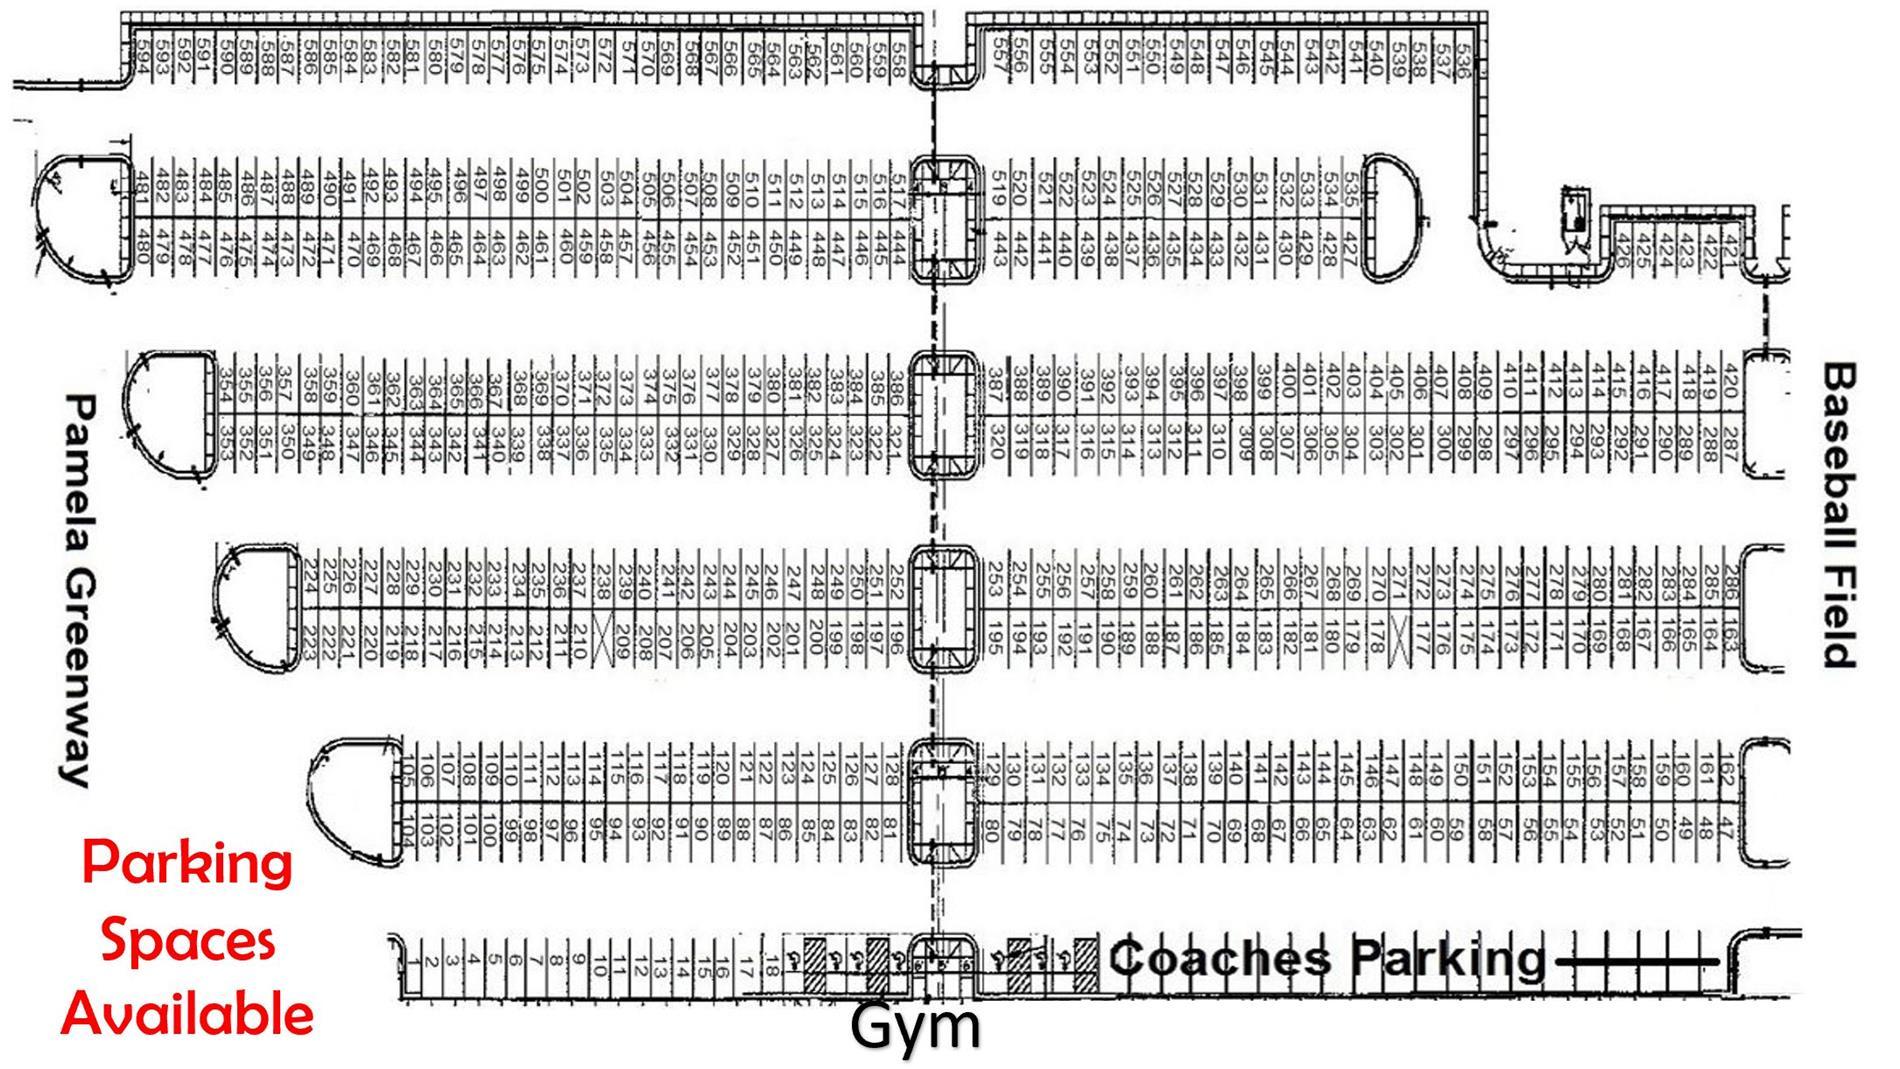 Parking Lot diagram